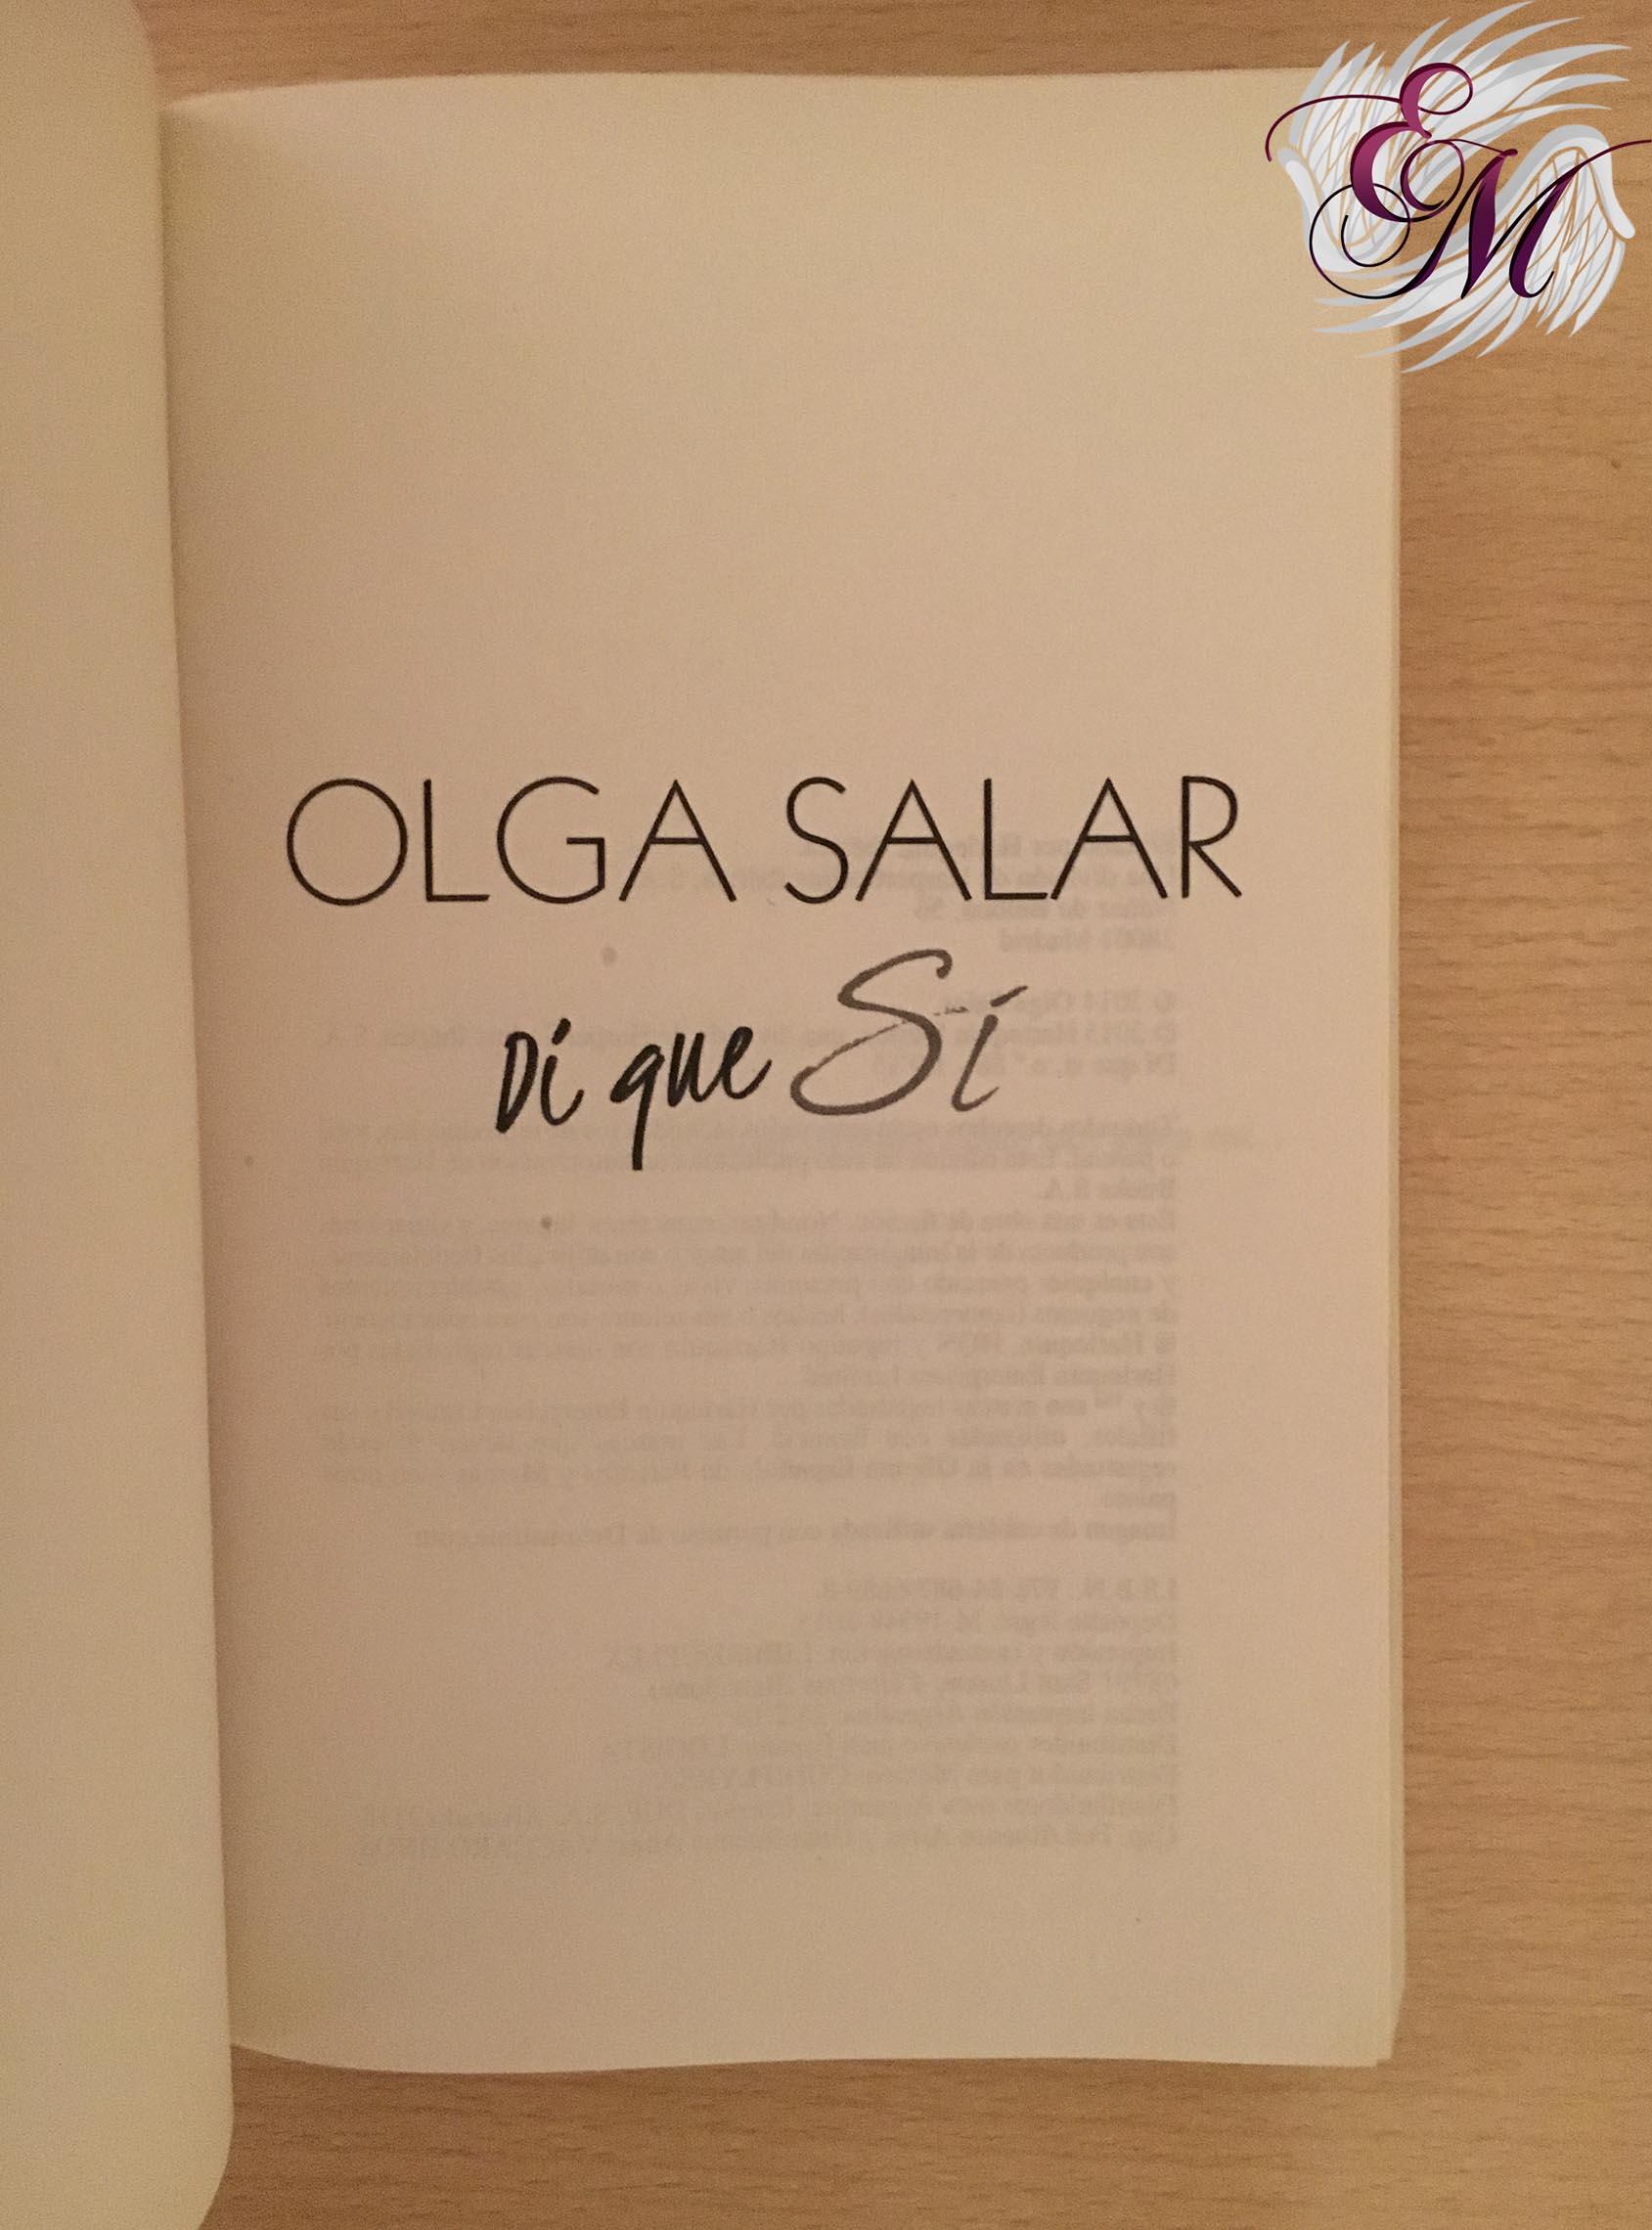 Di que sí, de Olga Salar - Reseña